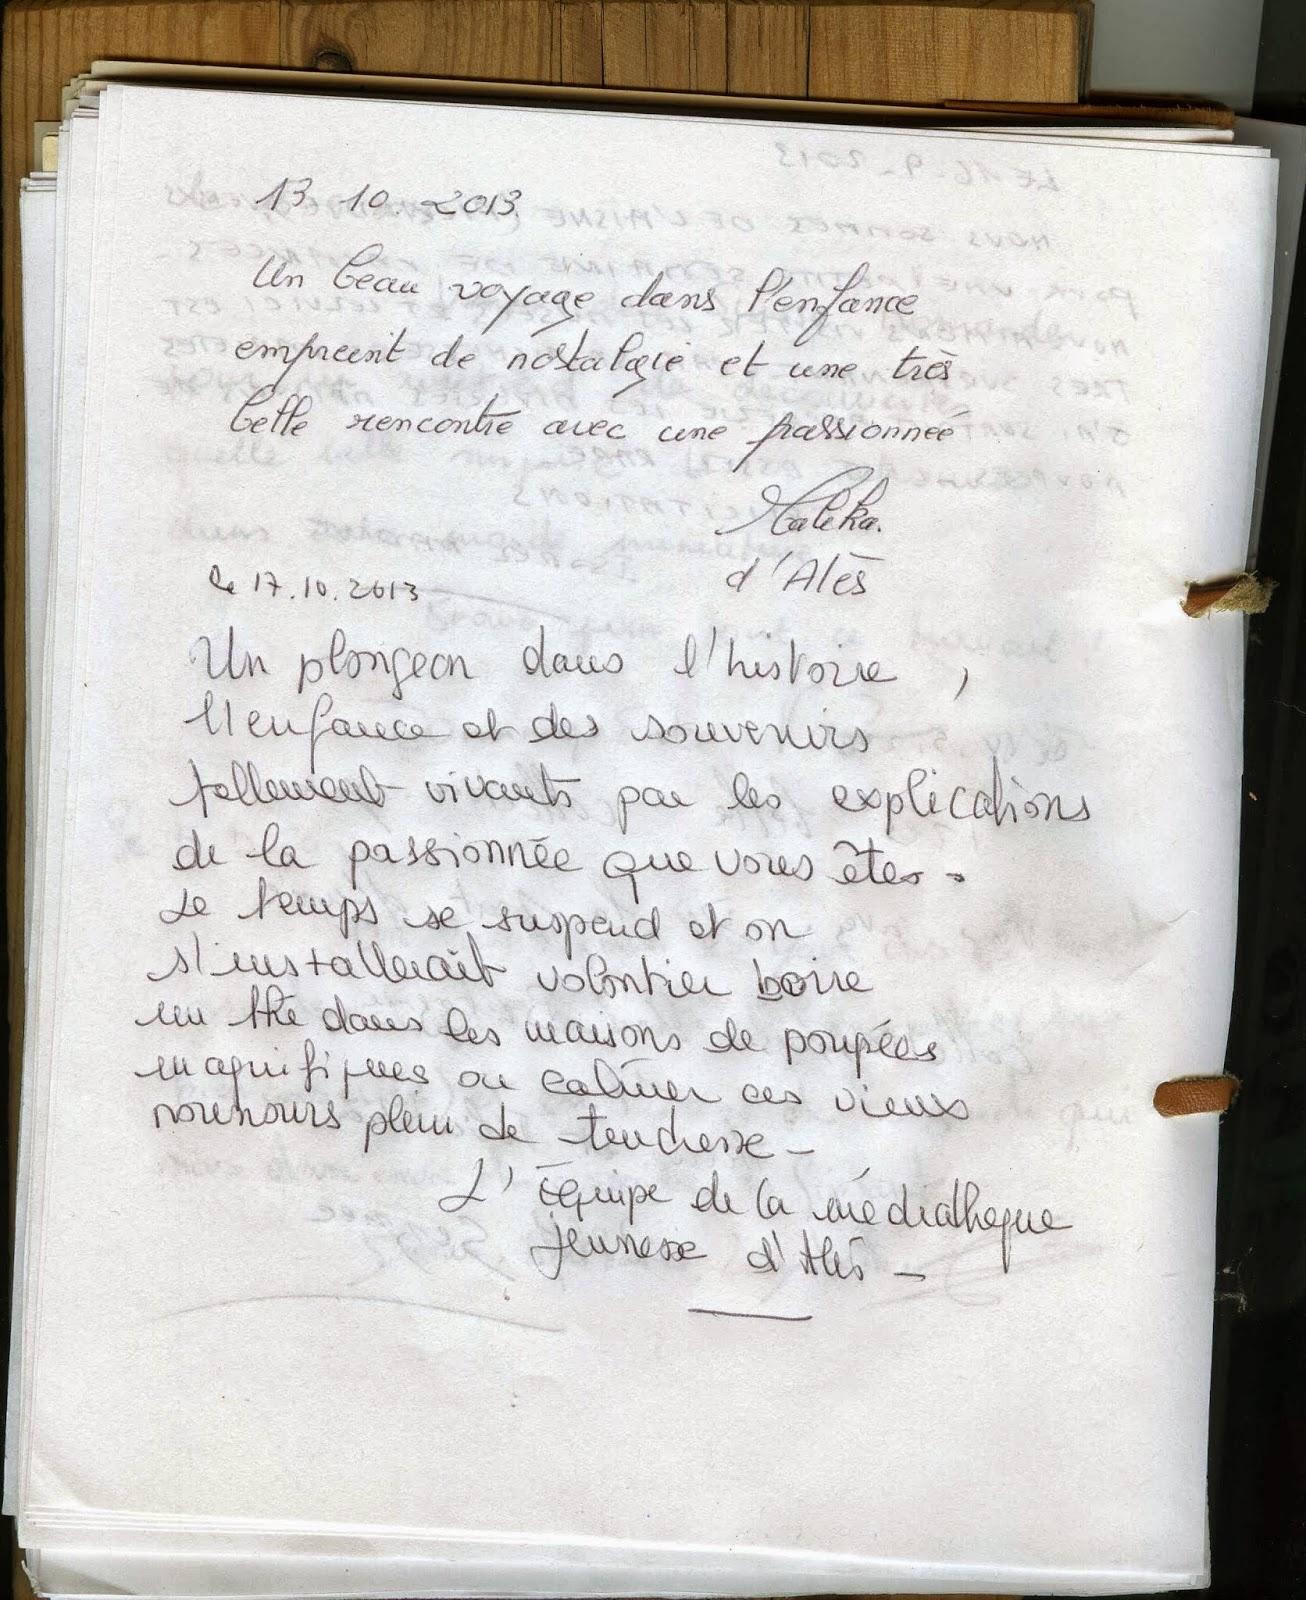 Hollandin mukaan käytössä ei ollut käsikirjoitusta, vaan hänelle ja muille.